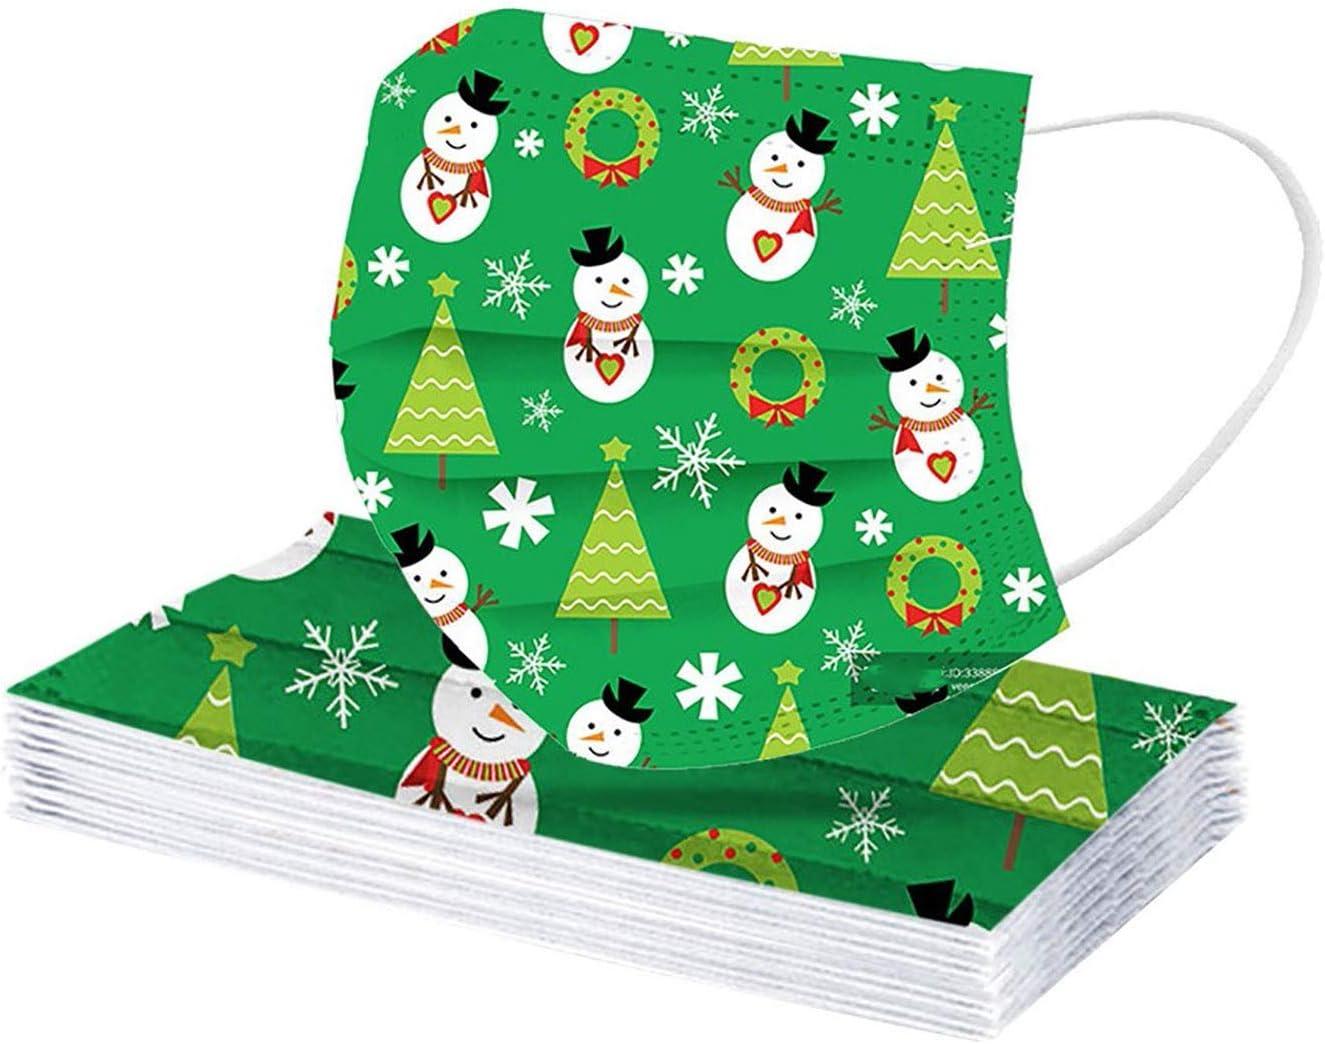 MGET Adulto Pack 10pcs MASCARILLAS Adulto FACIALES DE Tela Lavable M/áscaras Reutilizables de la mascarilla de la impresi/ón de la Serie Arcoiris de Navidad//Halloween del ni/ño